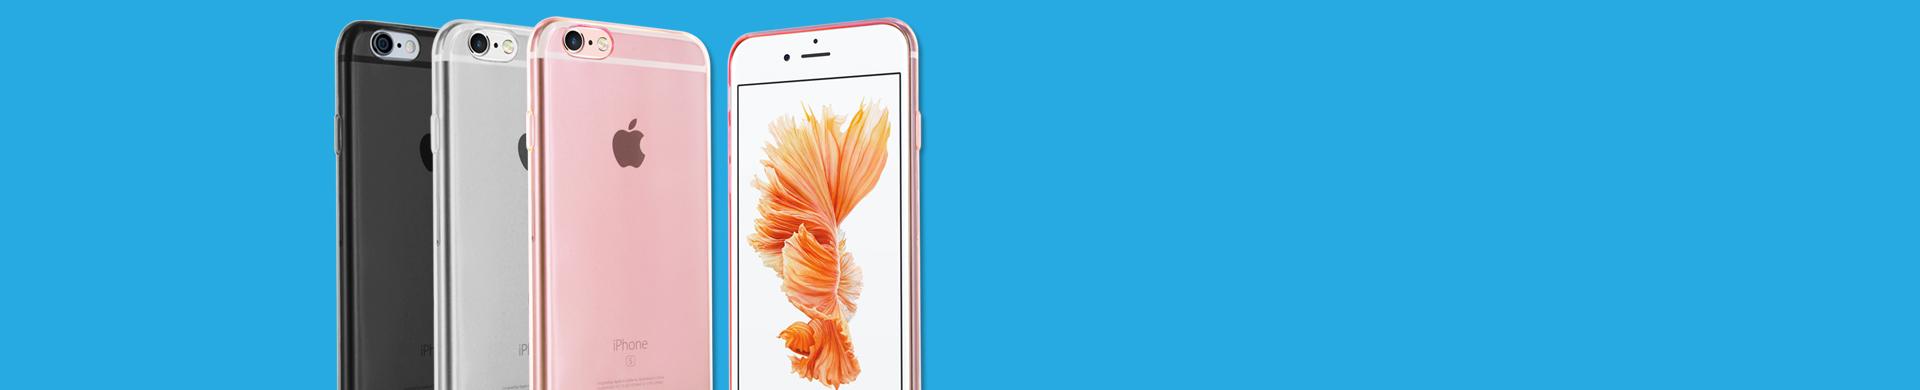 free iphone handyhllen farbig with smartphone zubehr shop - Handyhllen Muster